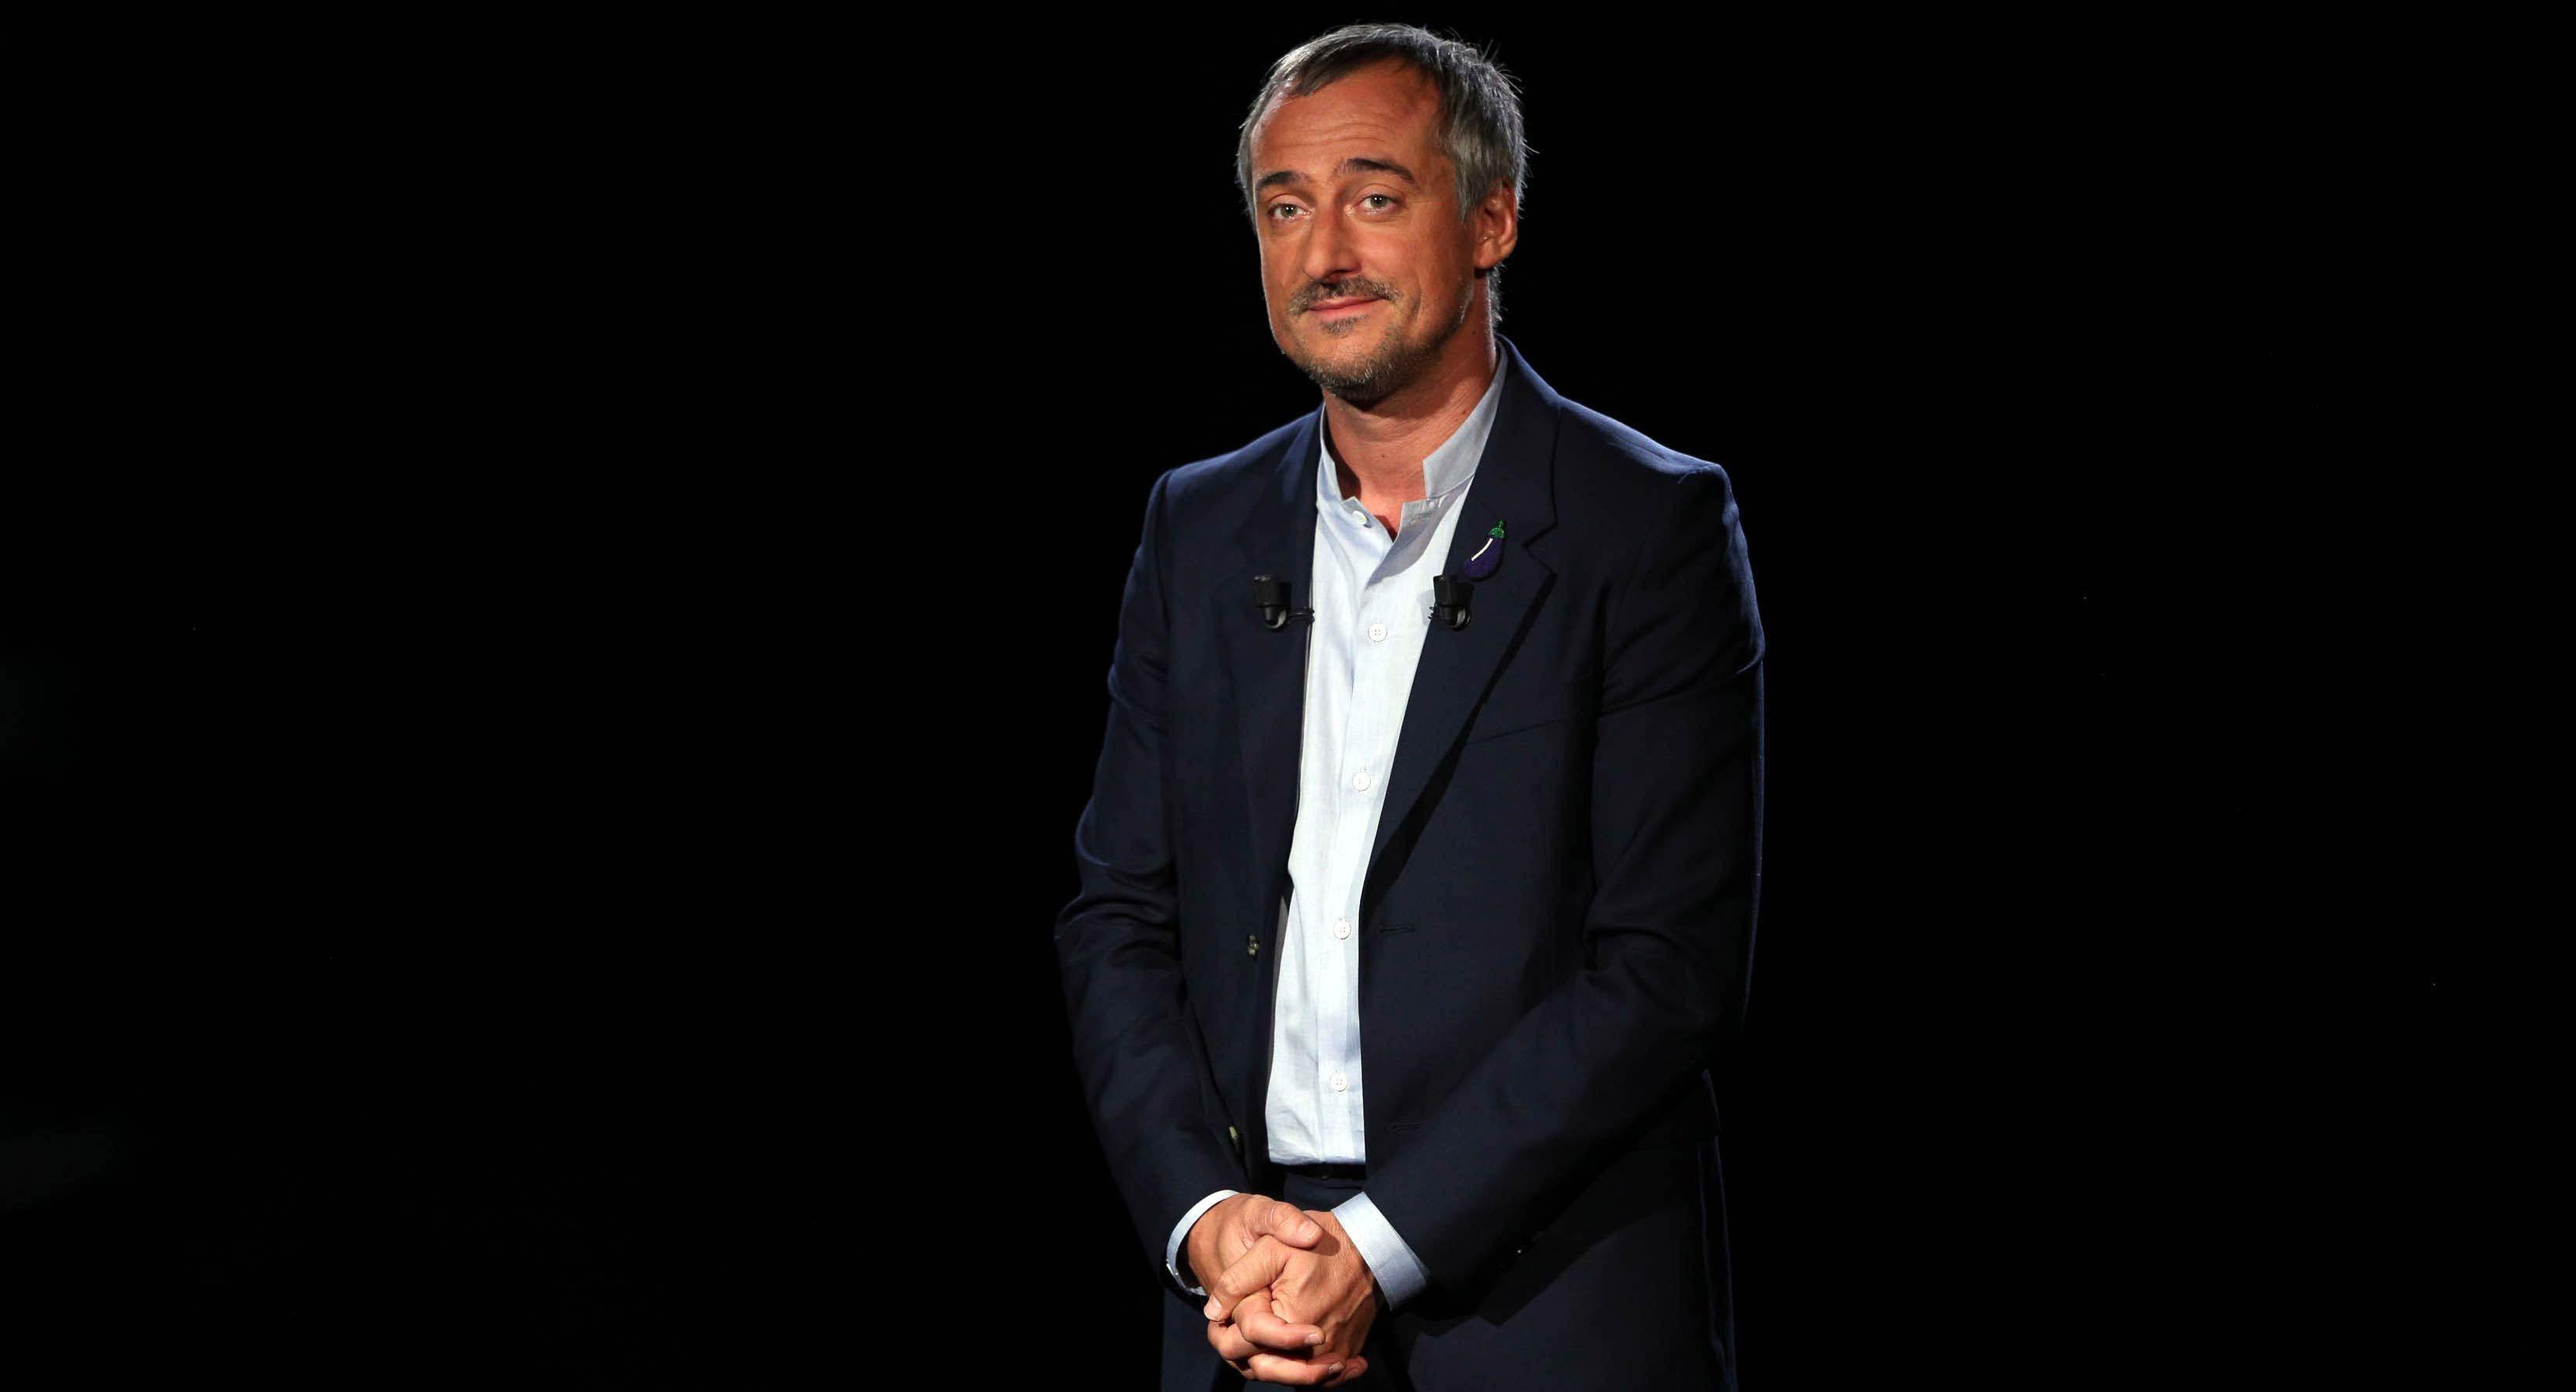 Le lexicul de Sébastien Thoen : définition du mot Fluffer